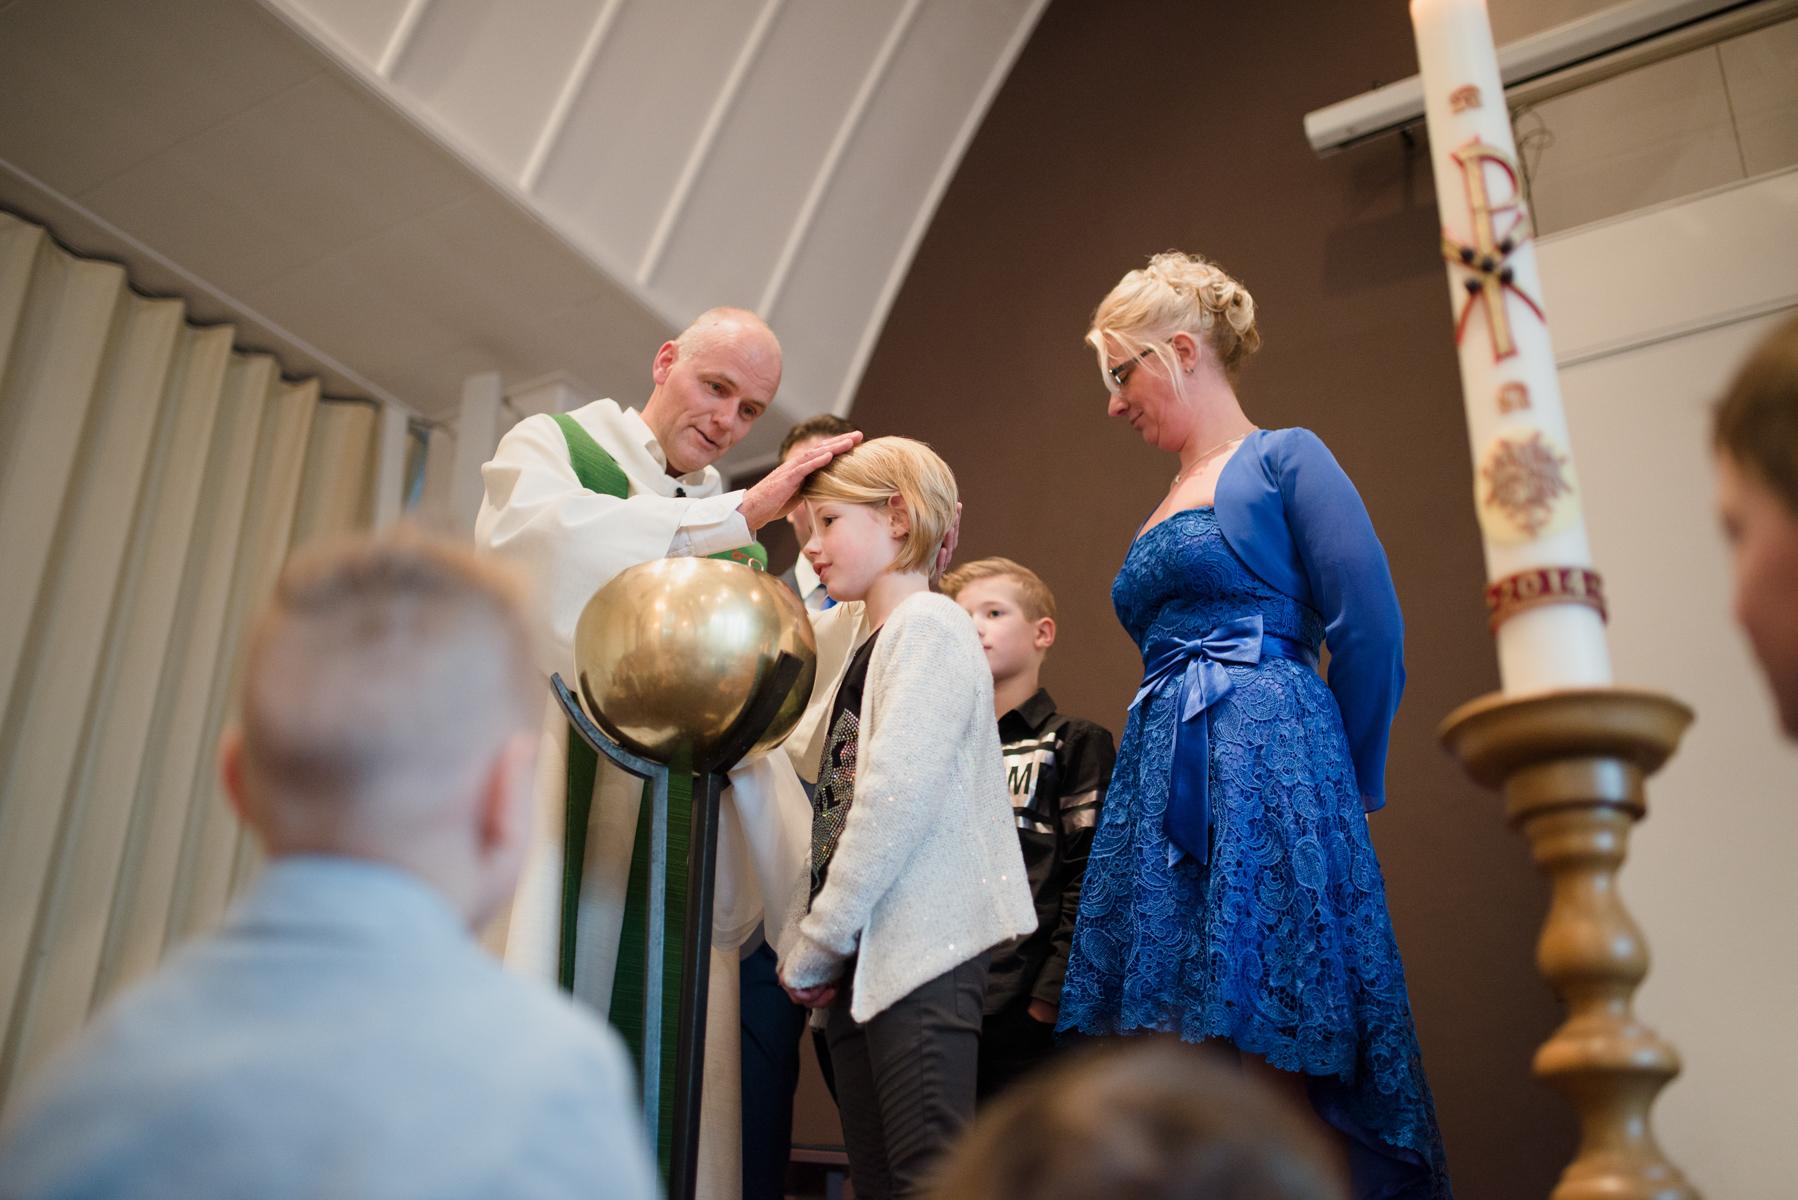 Fotografie van doop, belijdenis en trouwdienst van Janine en Arjen (41 van 55)